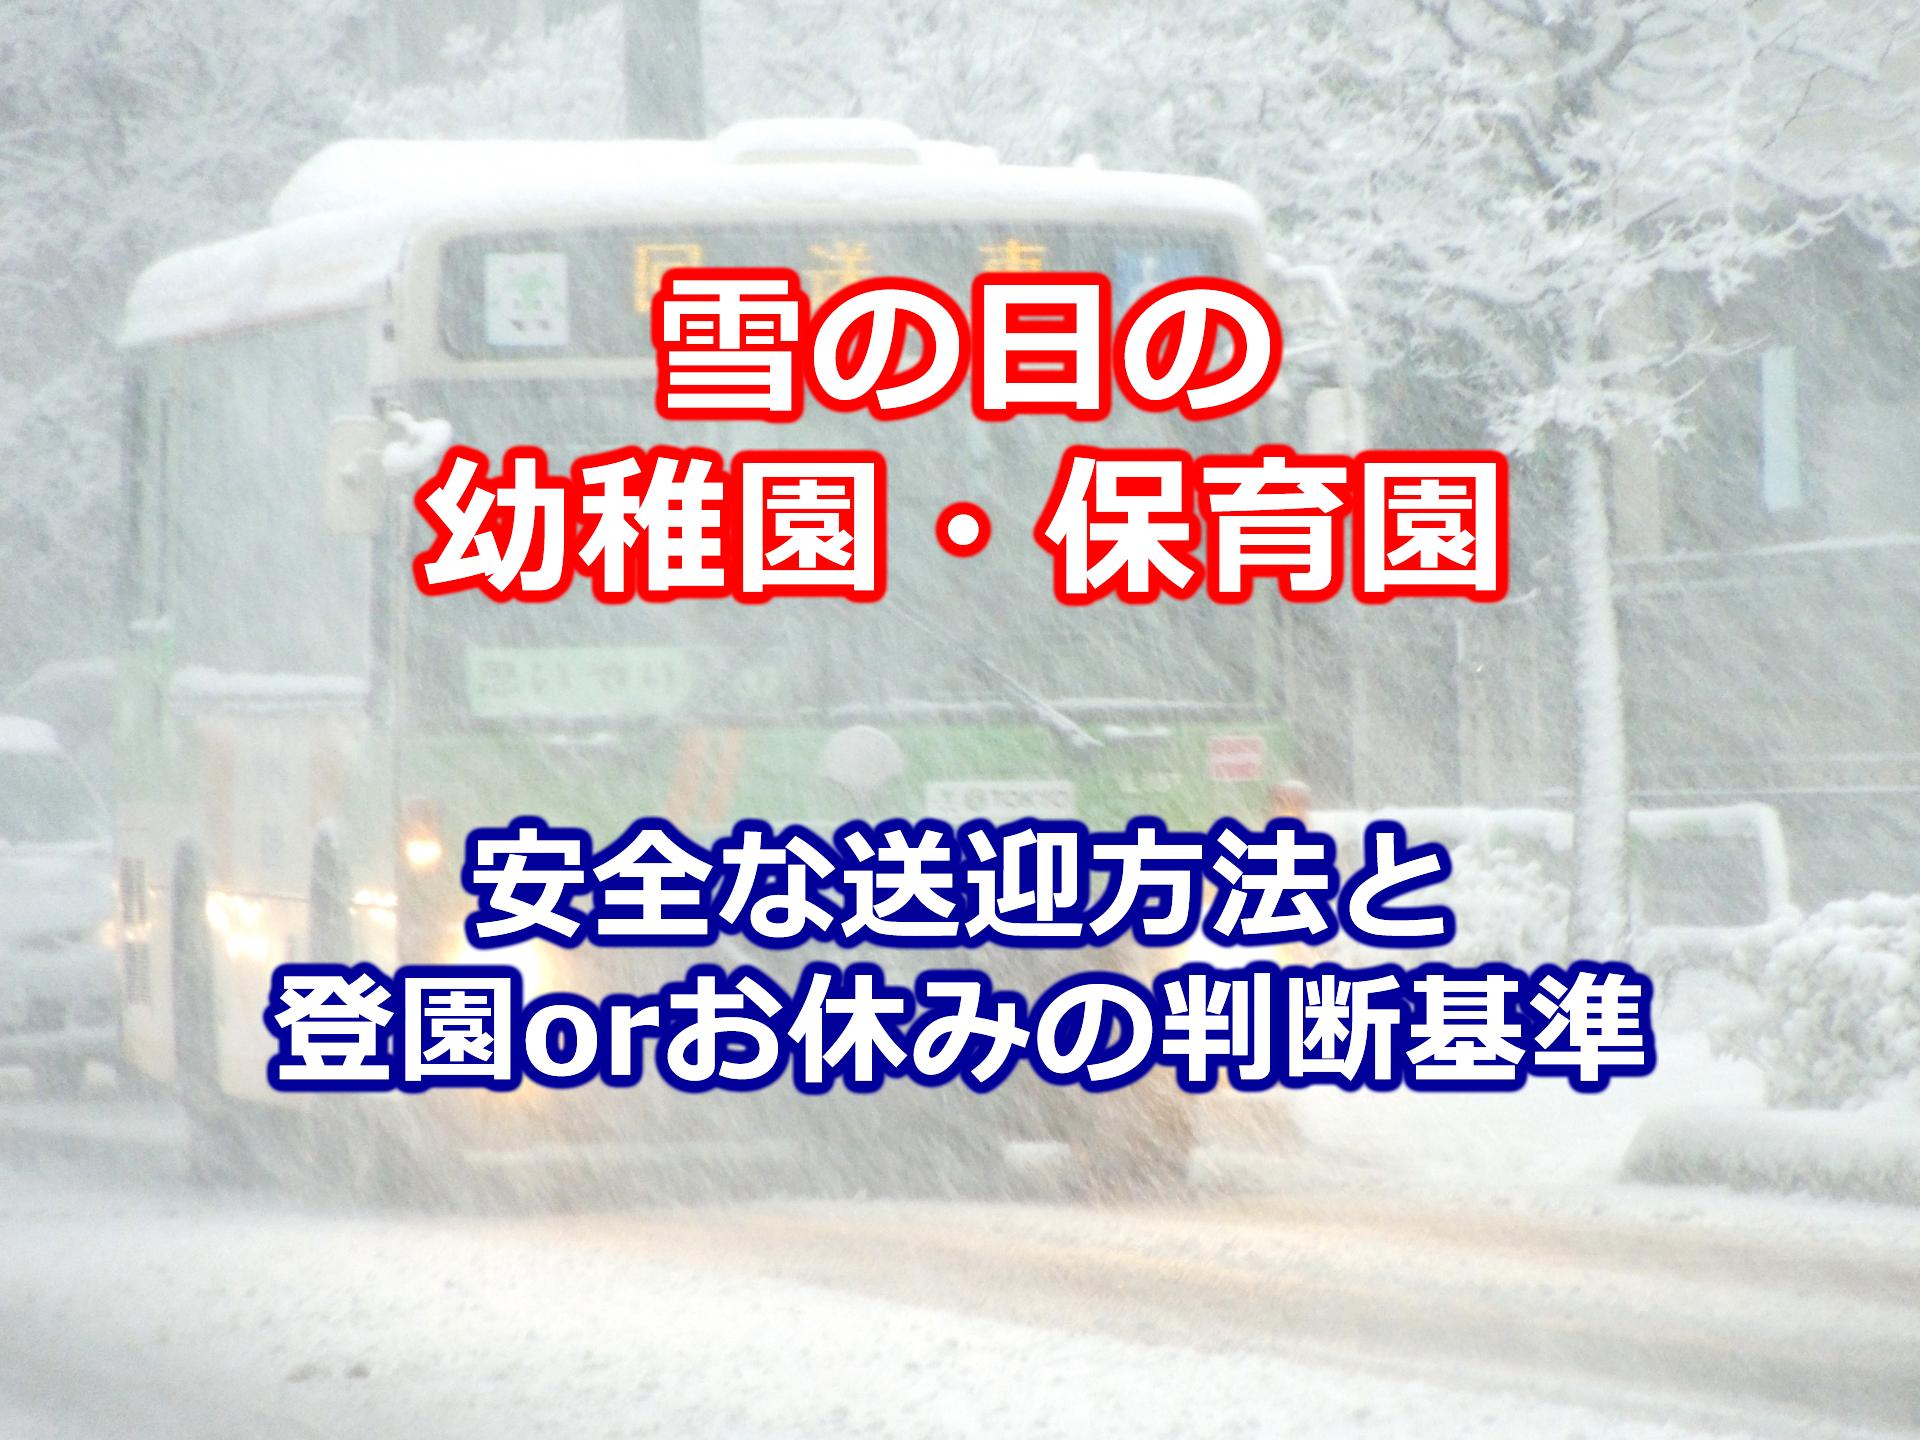 雪の日の幼稚園・保育園安全な送迎方法と登園orお休みの判断基準